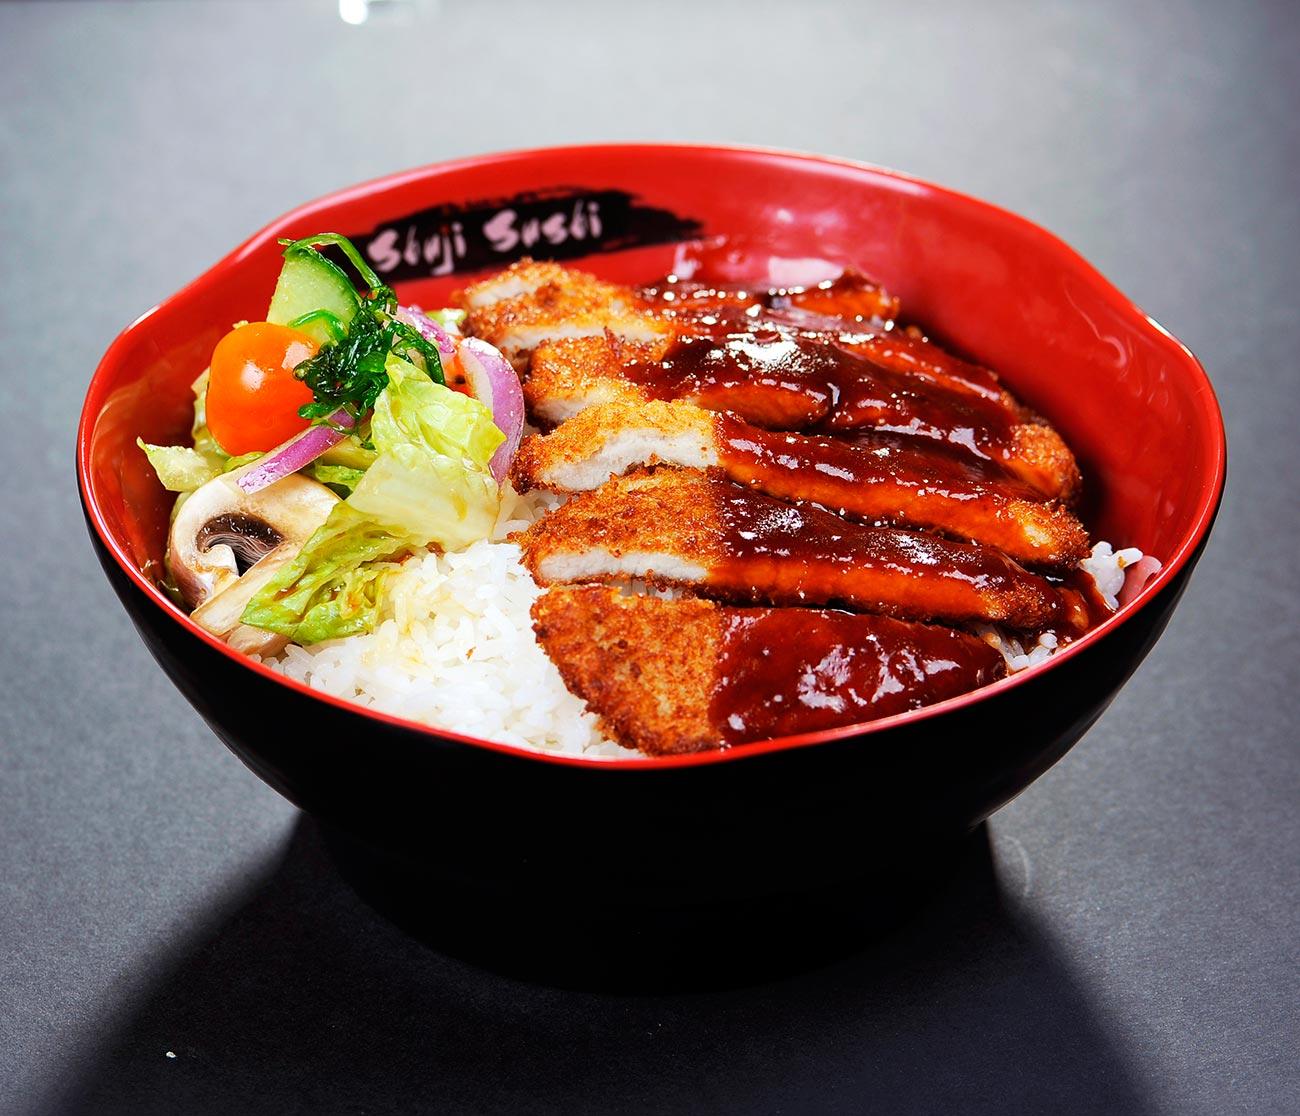 Tonkatsu Don